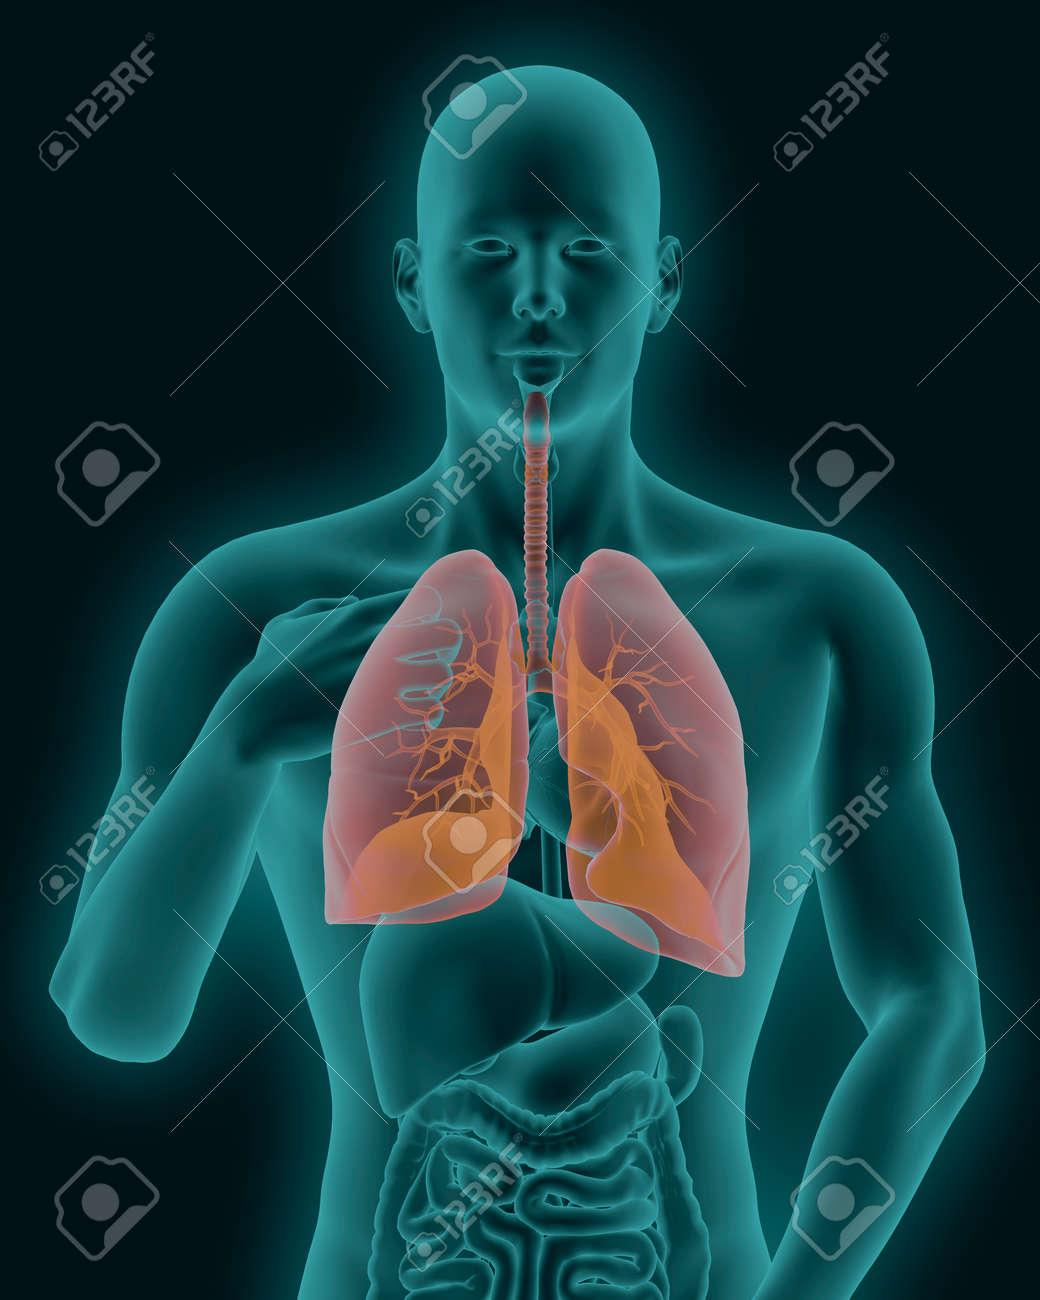 El Cuerpo Humano Exploración De Rayos X Con Los Pulmones Inflamados ...